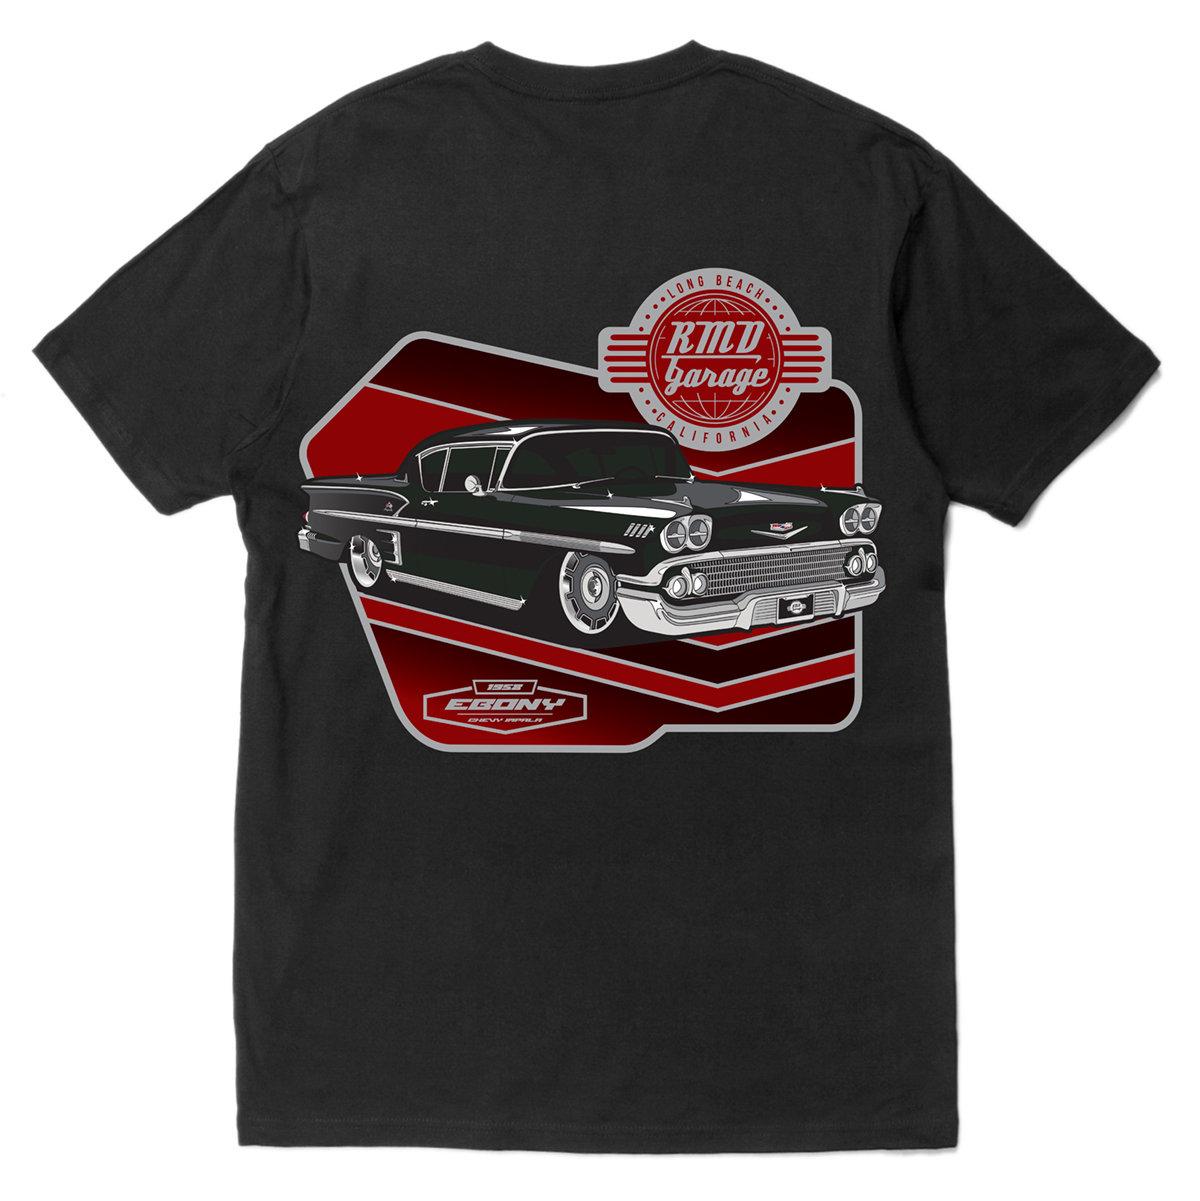 Ebony Black T-shirt 001R1800TEB